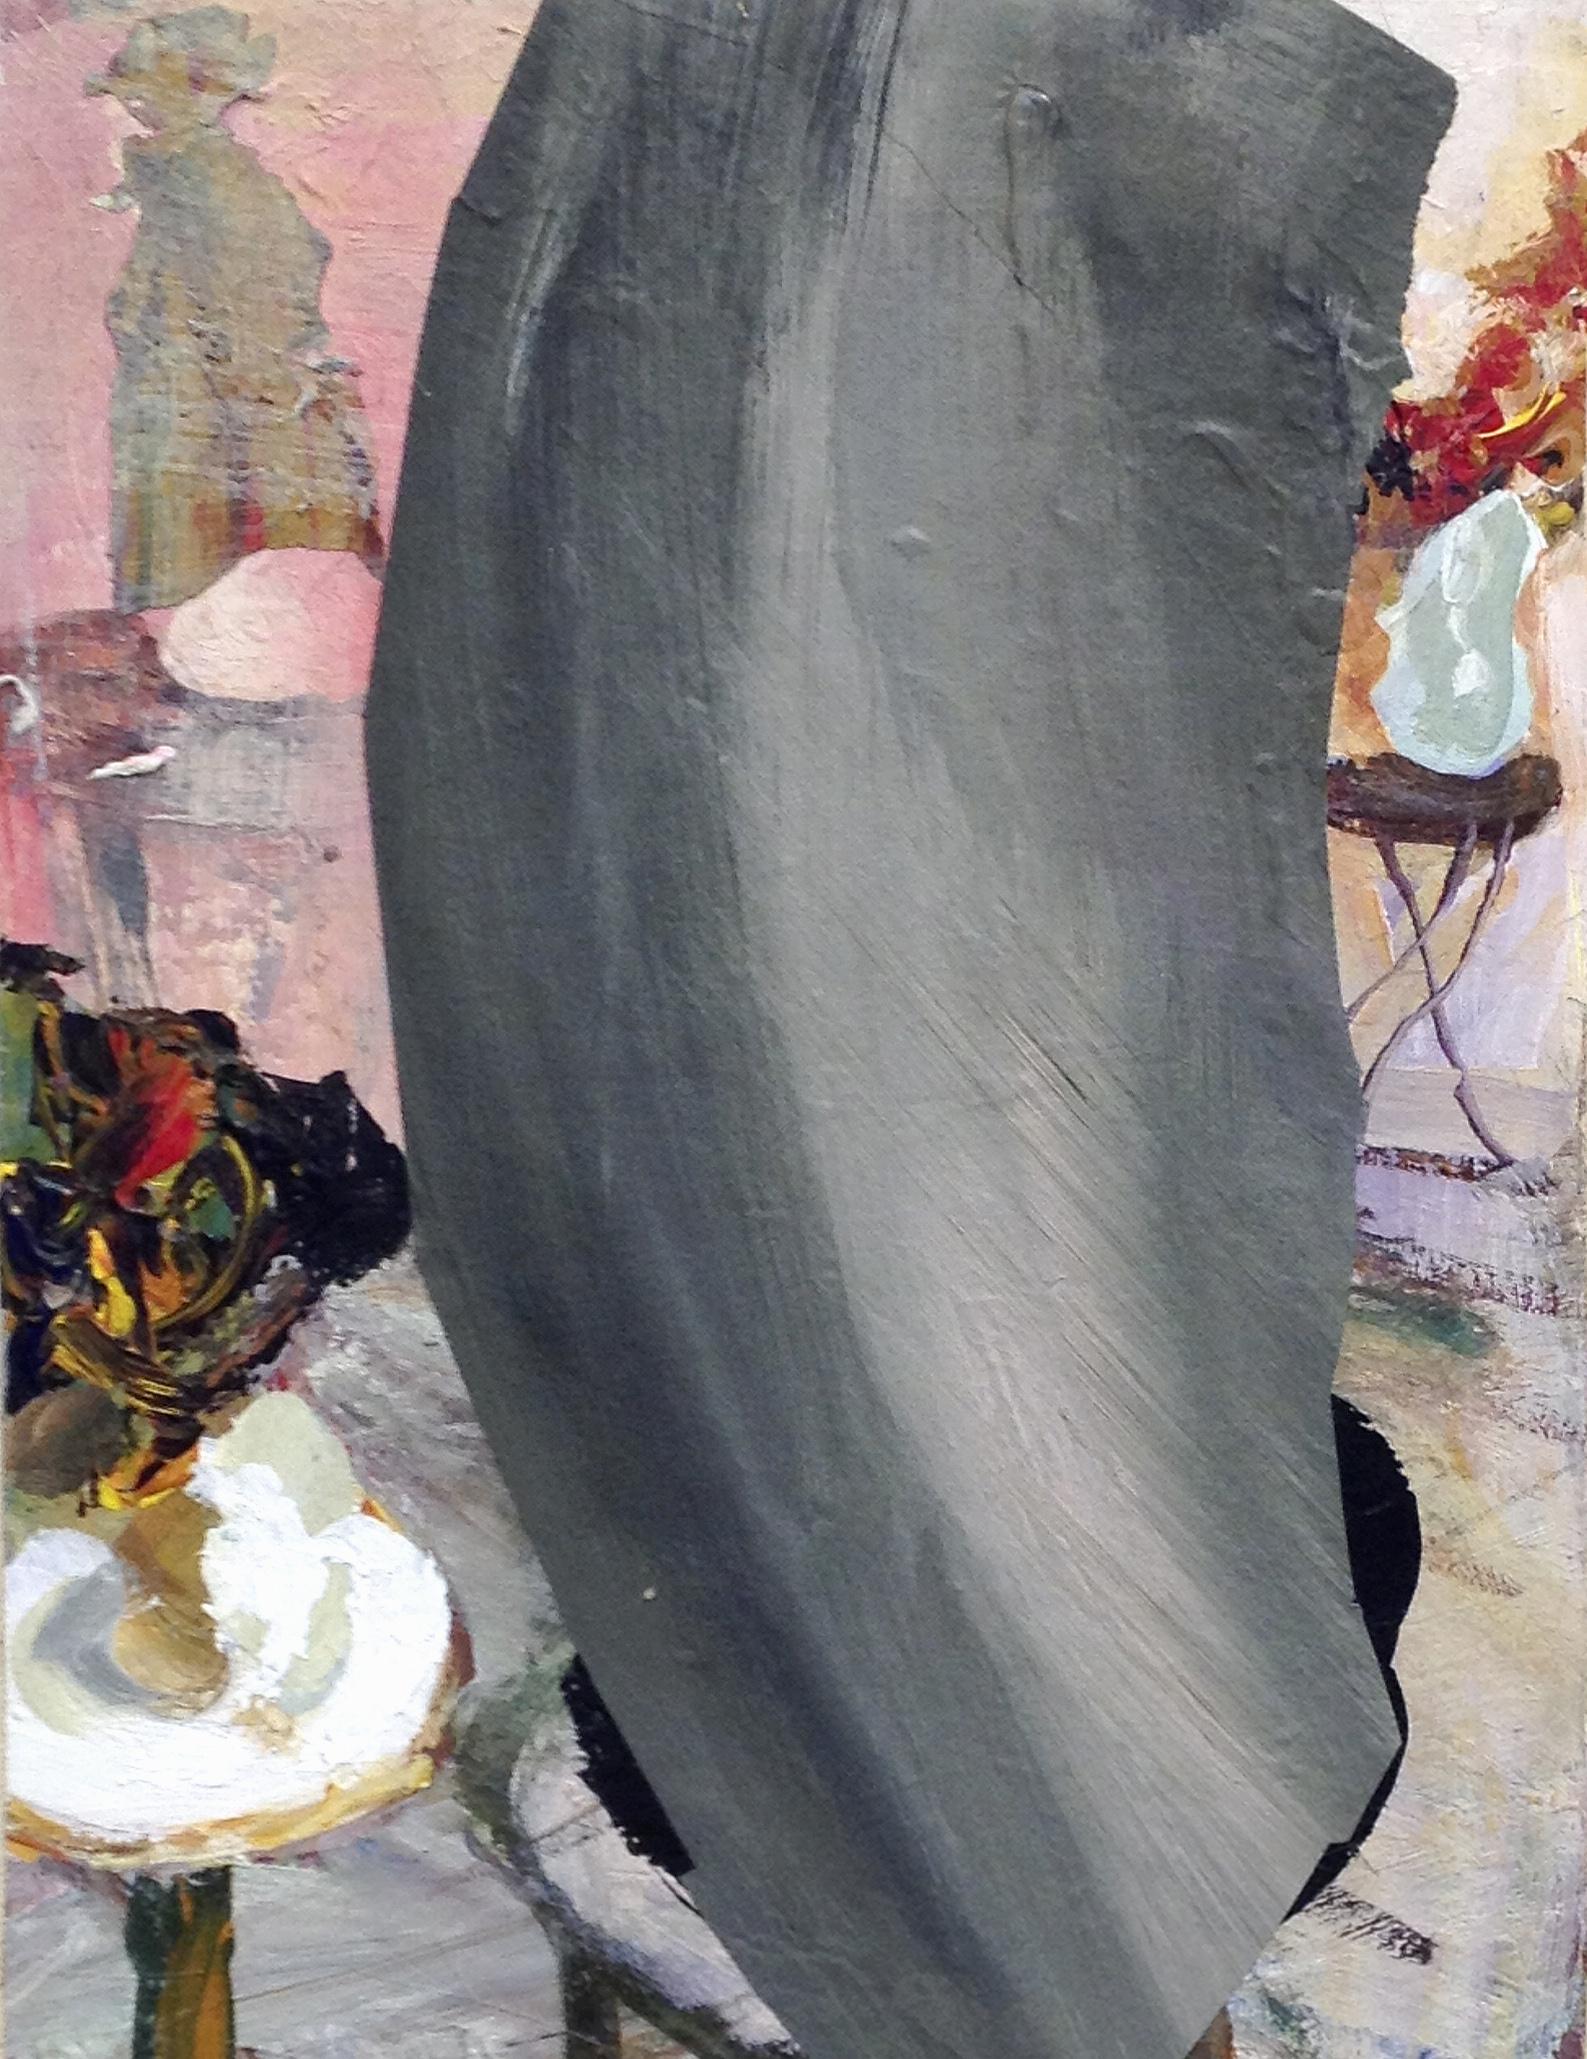 Judith Simonian, The Elephant, 2017, acrylic on canvas, 11h x 9w in.